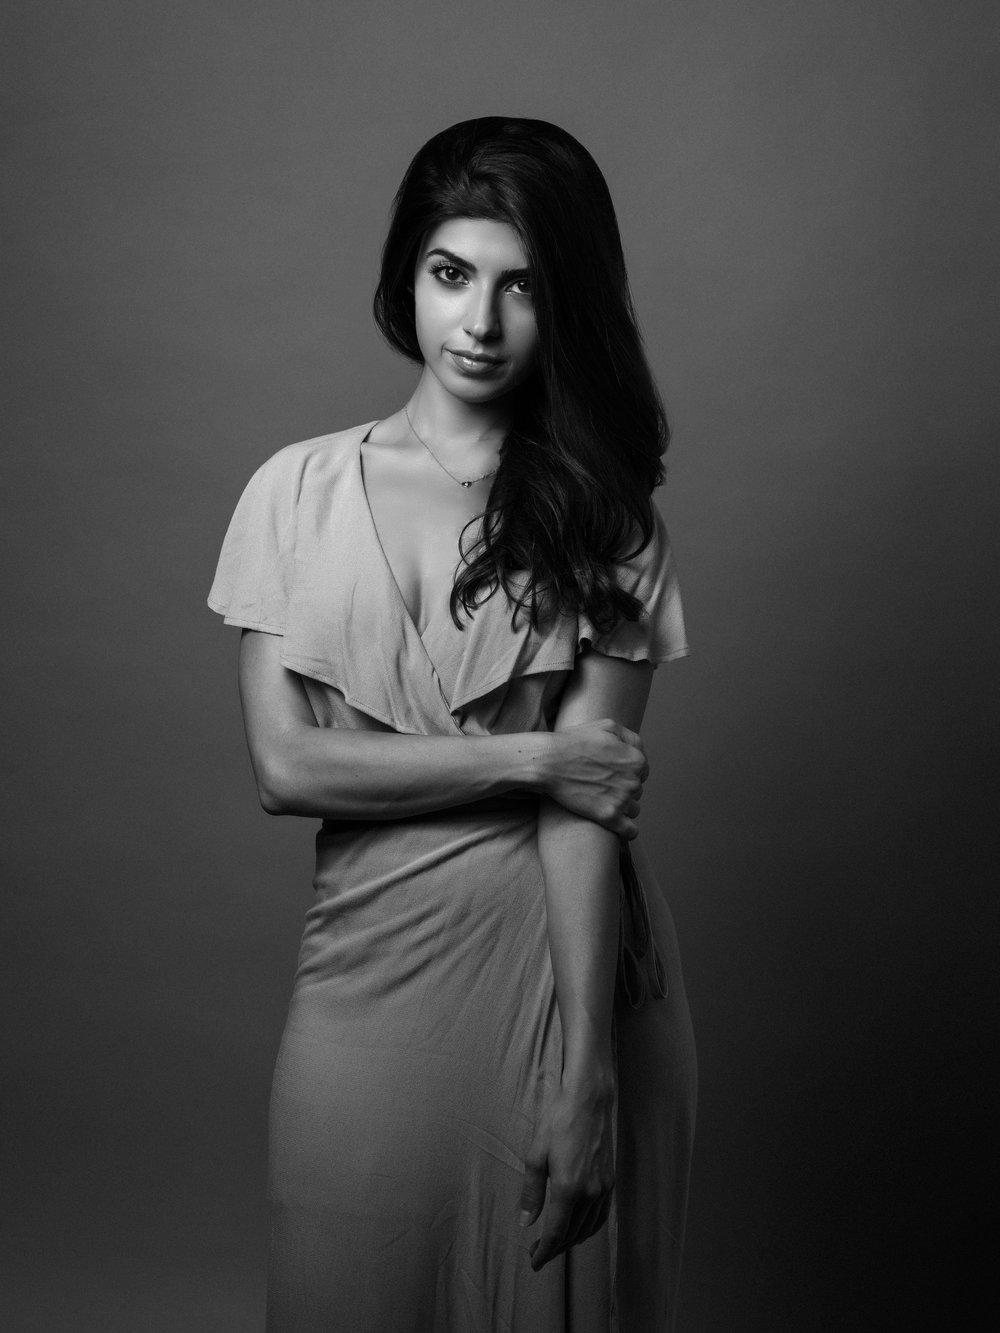 Diana-Portrait-DSCF3163.jpg